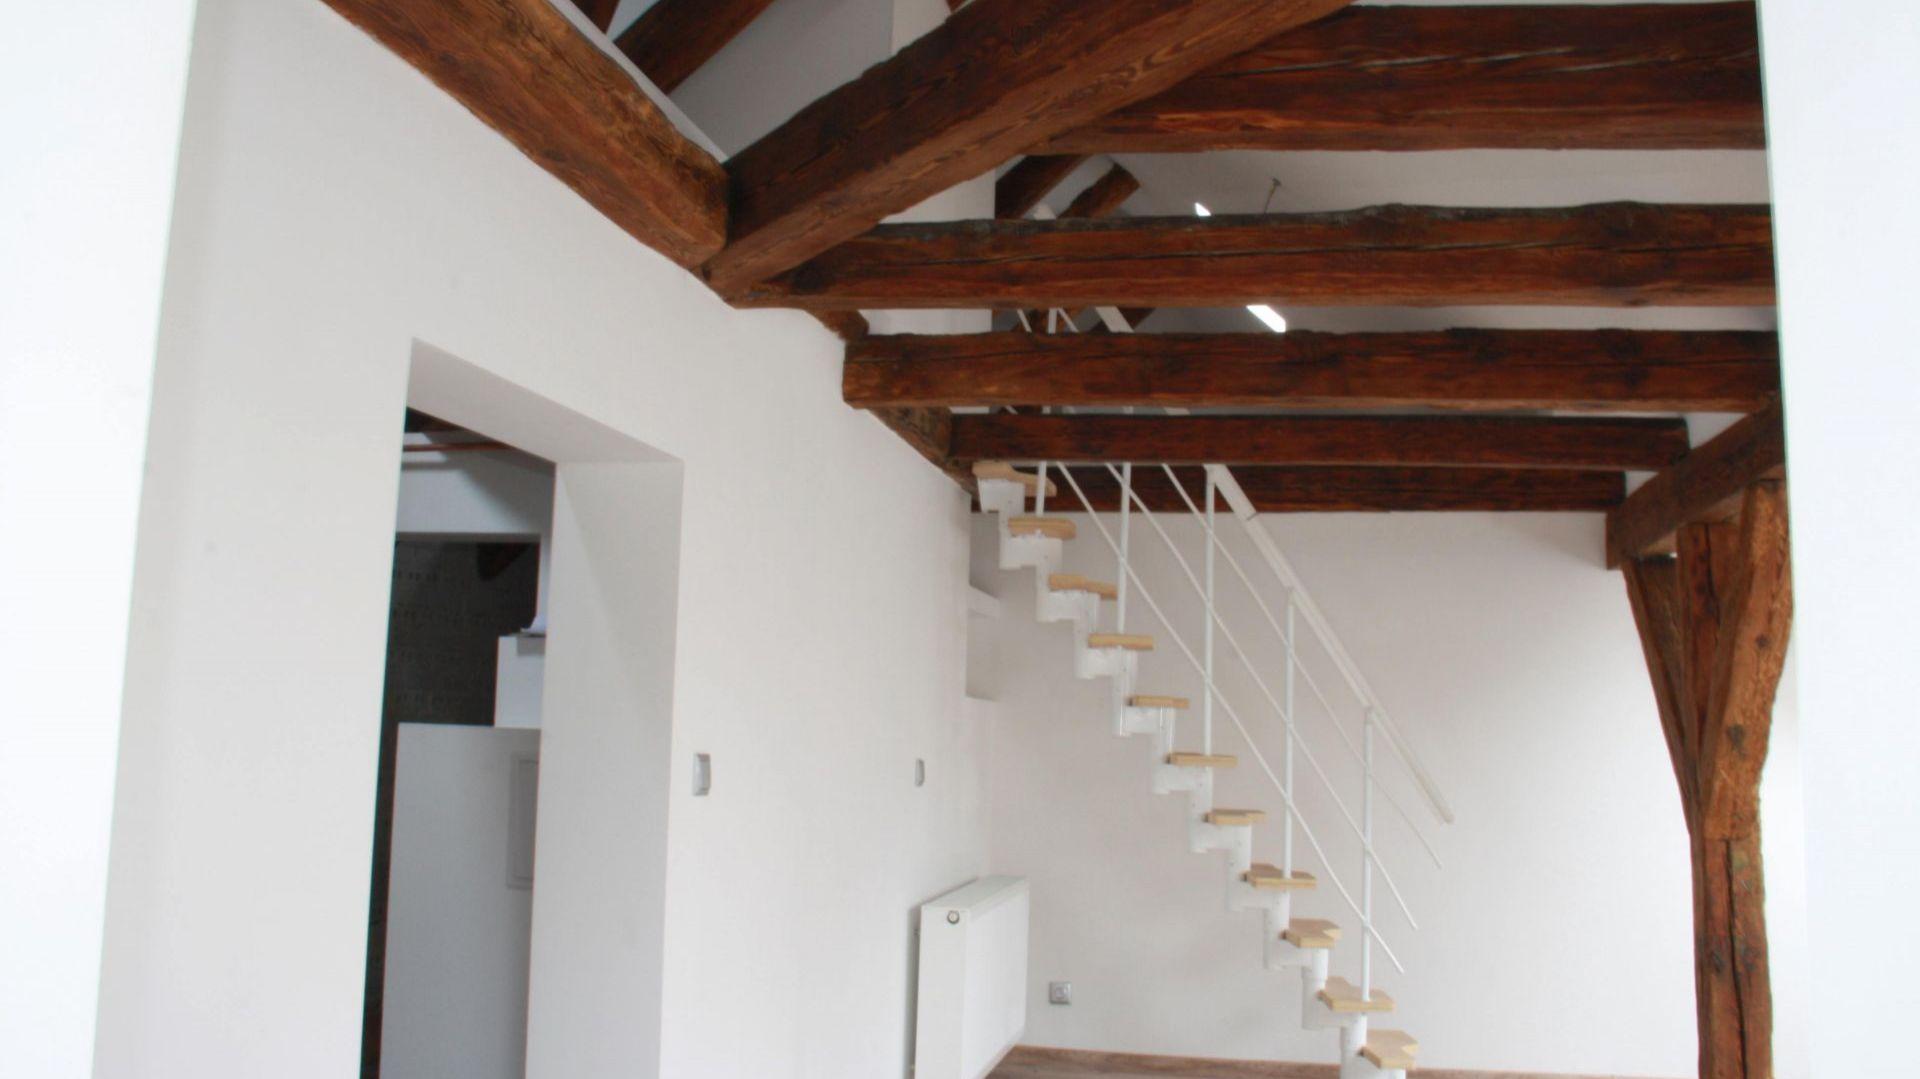 Kupując mieszkanie od dewelopera warto zapytać go, czy ma przykładowy, poglądowy projekt wnętrz, przygotowany przez profesjonalnego projektanta. Fot. Studio BB Architekci